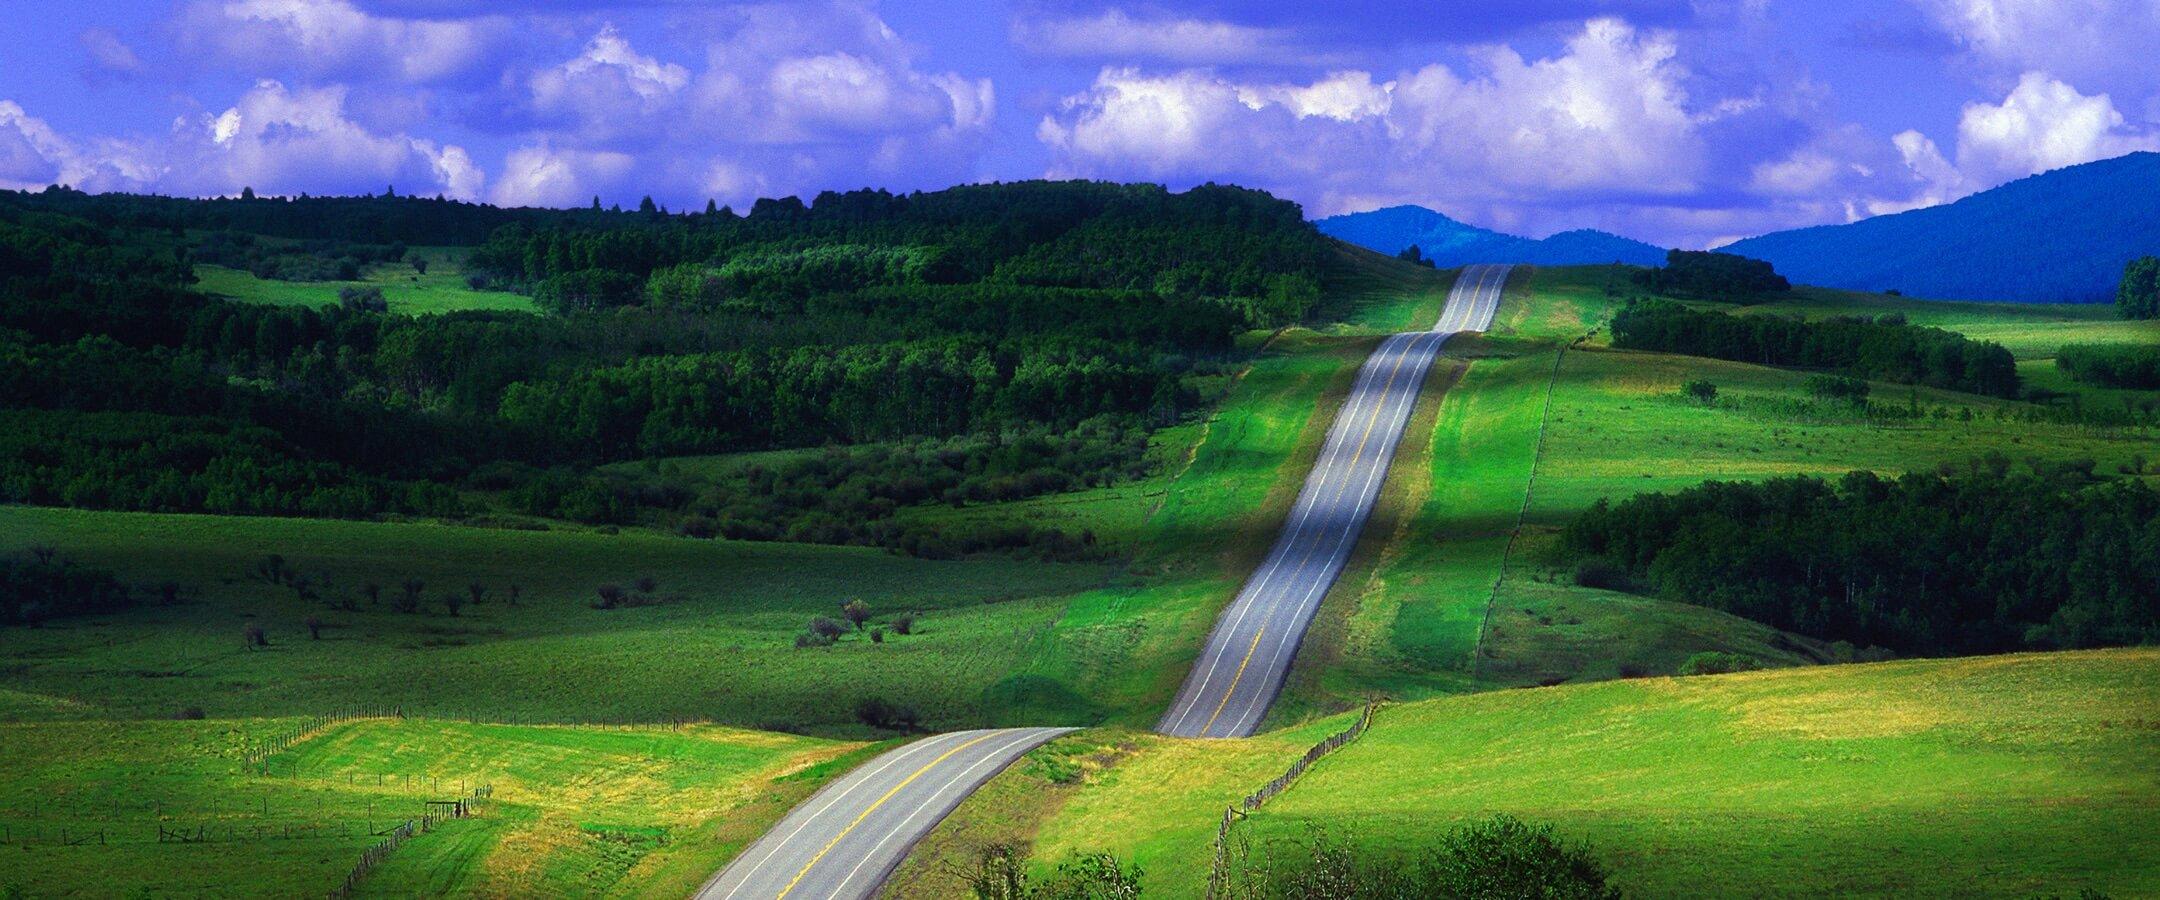 Road in Alberta